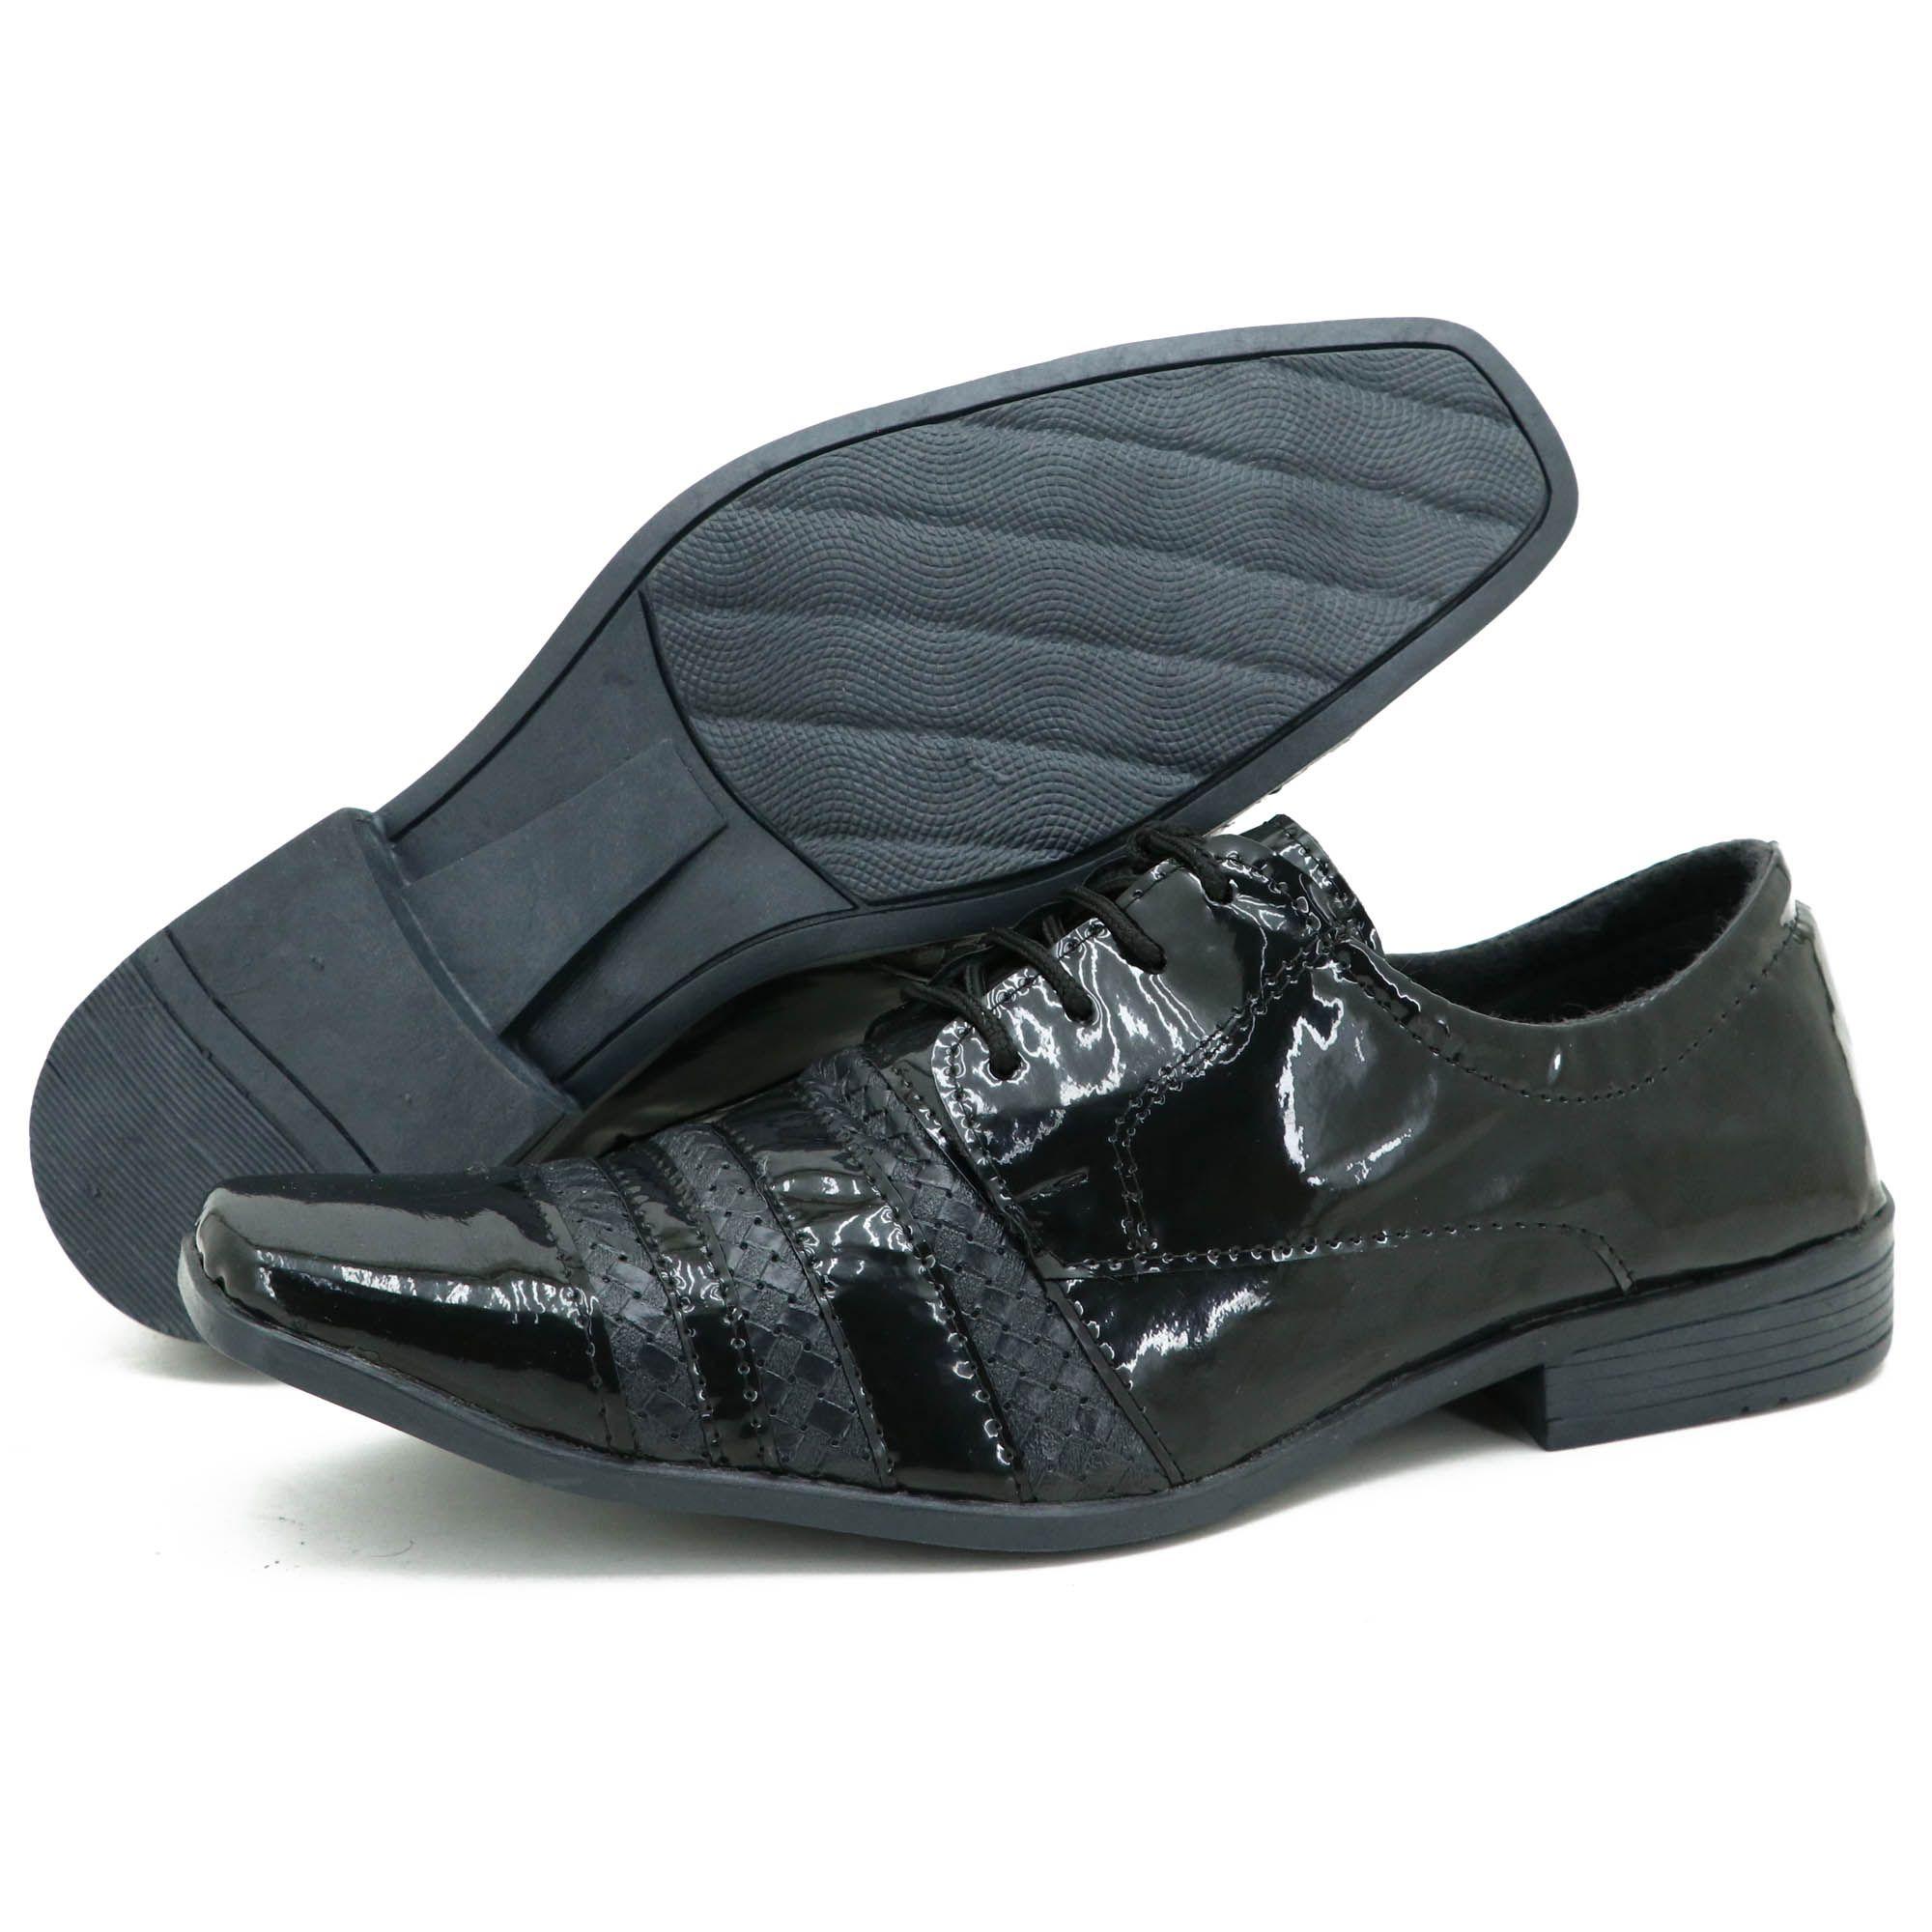 Sapato social executivo preto em couro técnologico  5014